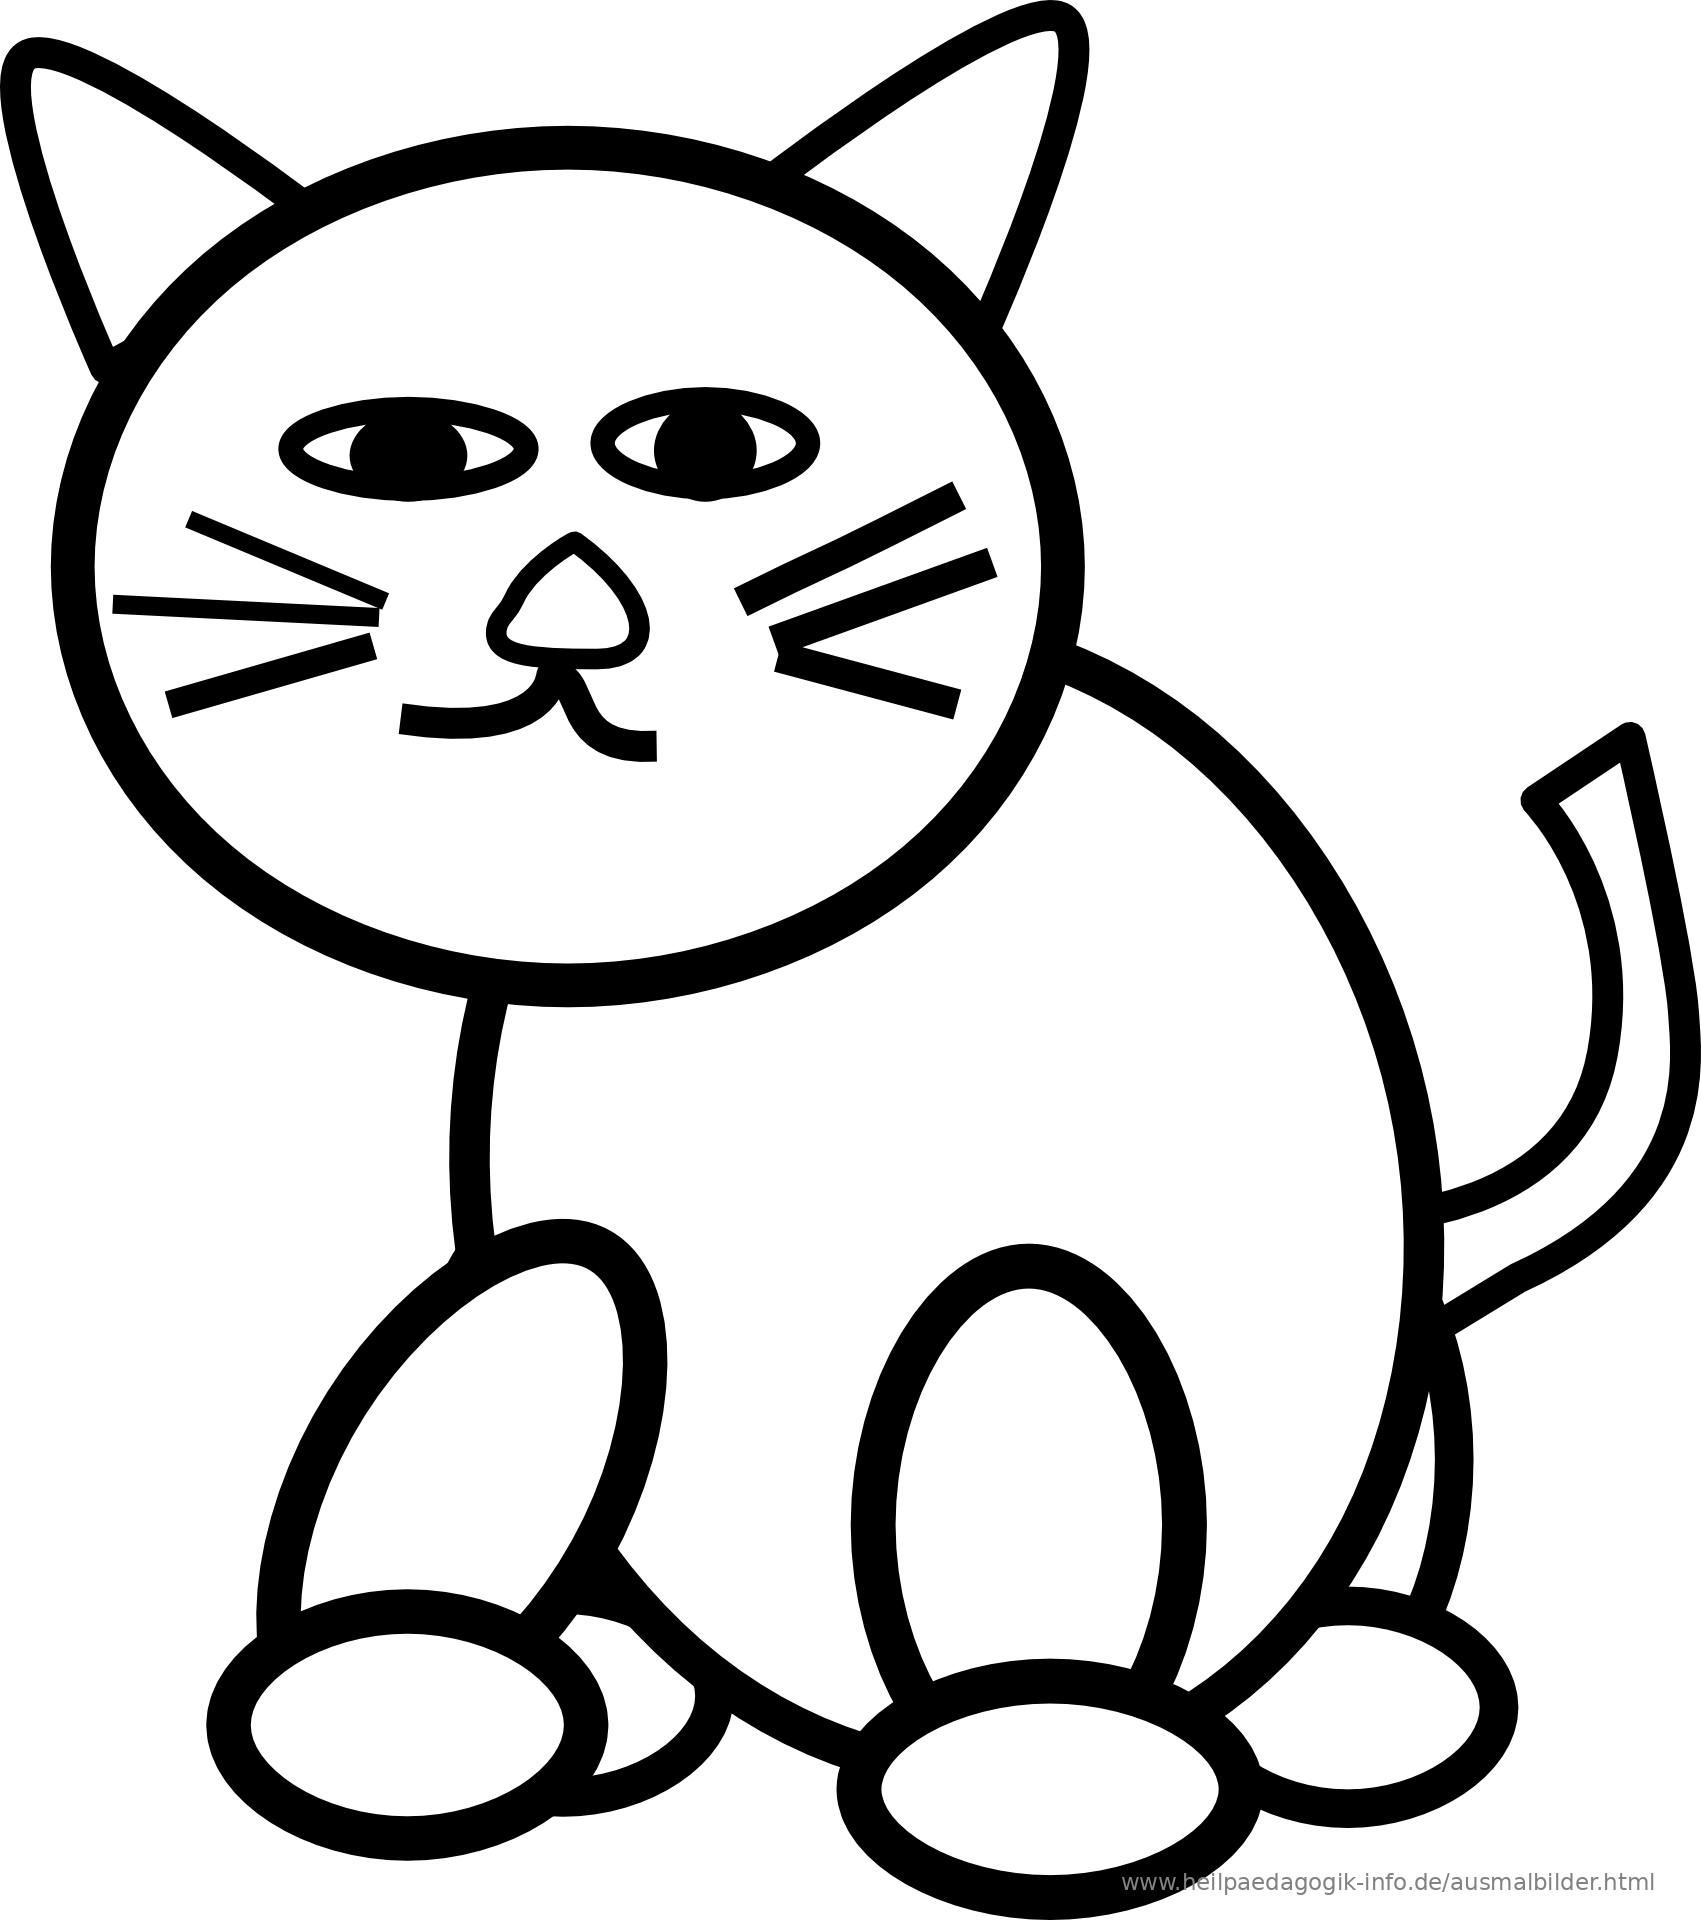 Schön Süße Katze Malvorlagen Galerie - Entry Level Resume Vorlagen ...